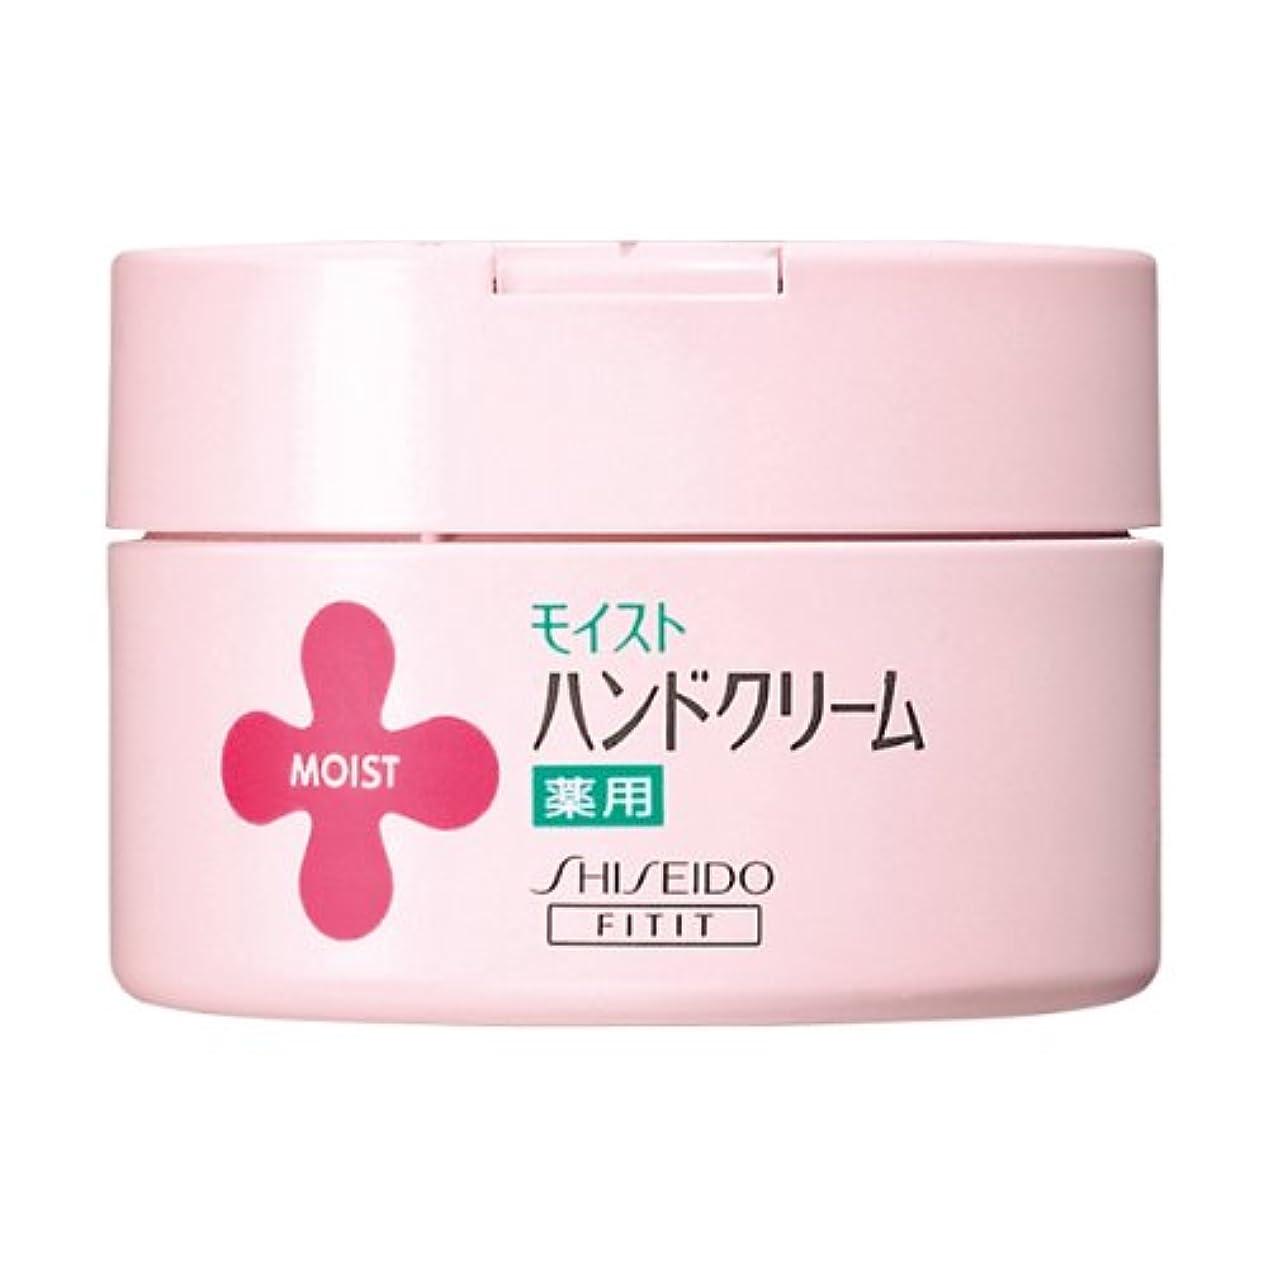 ケープ粘土グリップモイスト 薬用ハンドクリームUR L 120g 【医薬部外品】